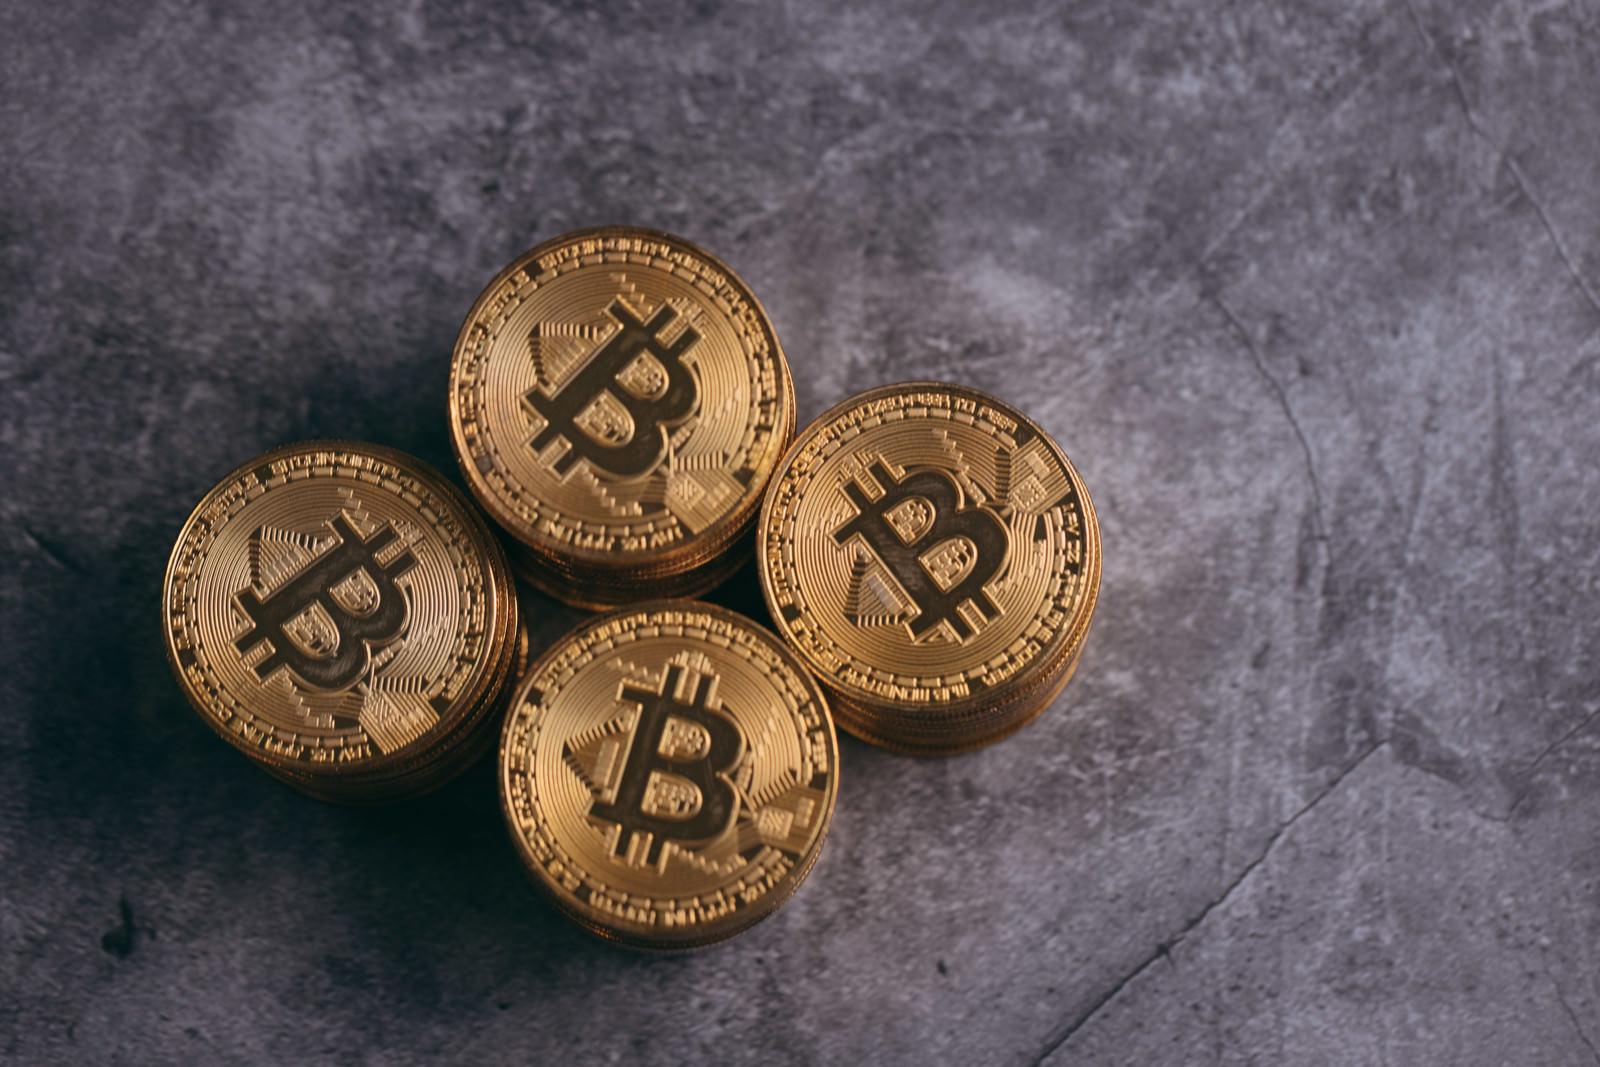 「積み上がった金貨(ビットコイン)を見下ろす」の写真